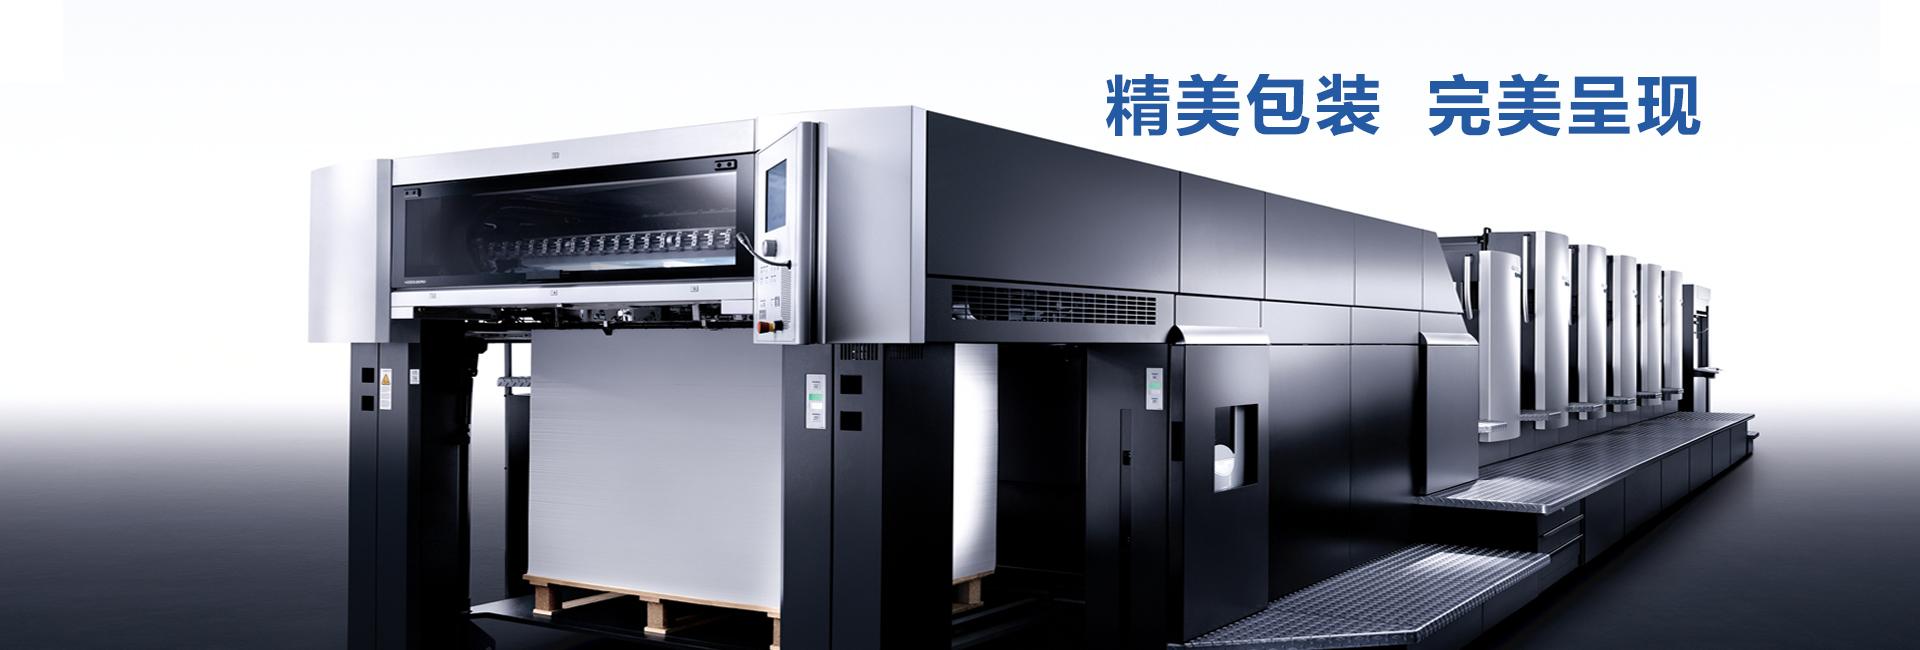 昆明包裝印刷設備